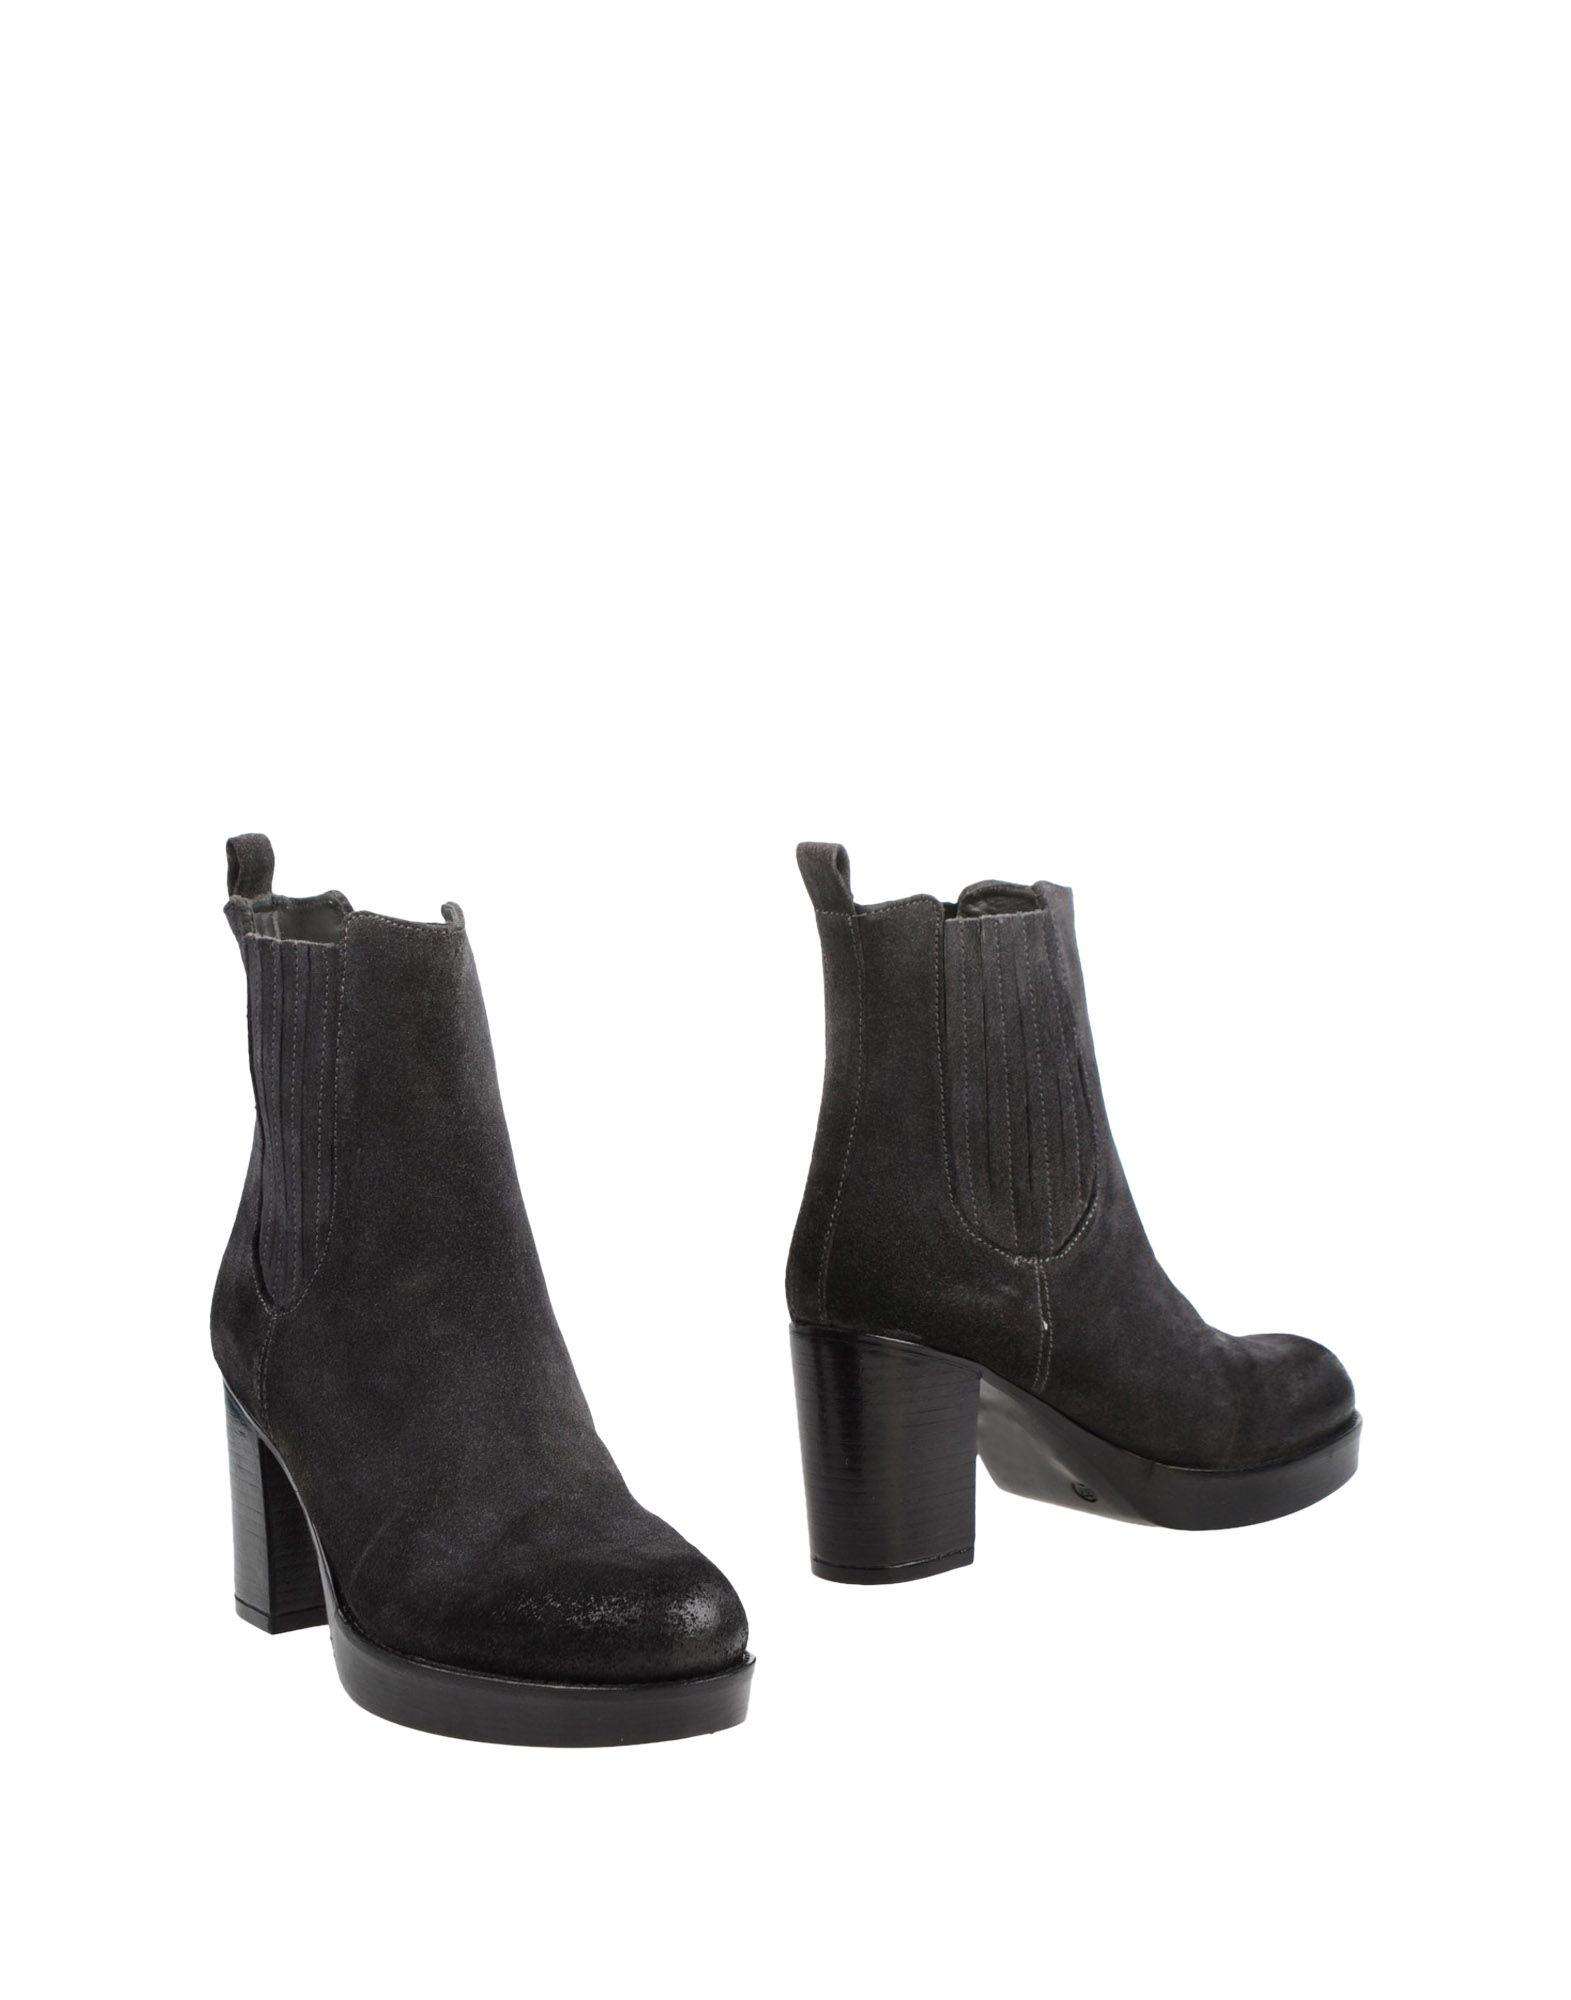 E Vee Stiefelette Damen  11227933HM Gute Qualität beliebte Schuhe